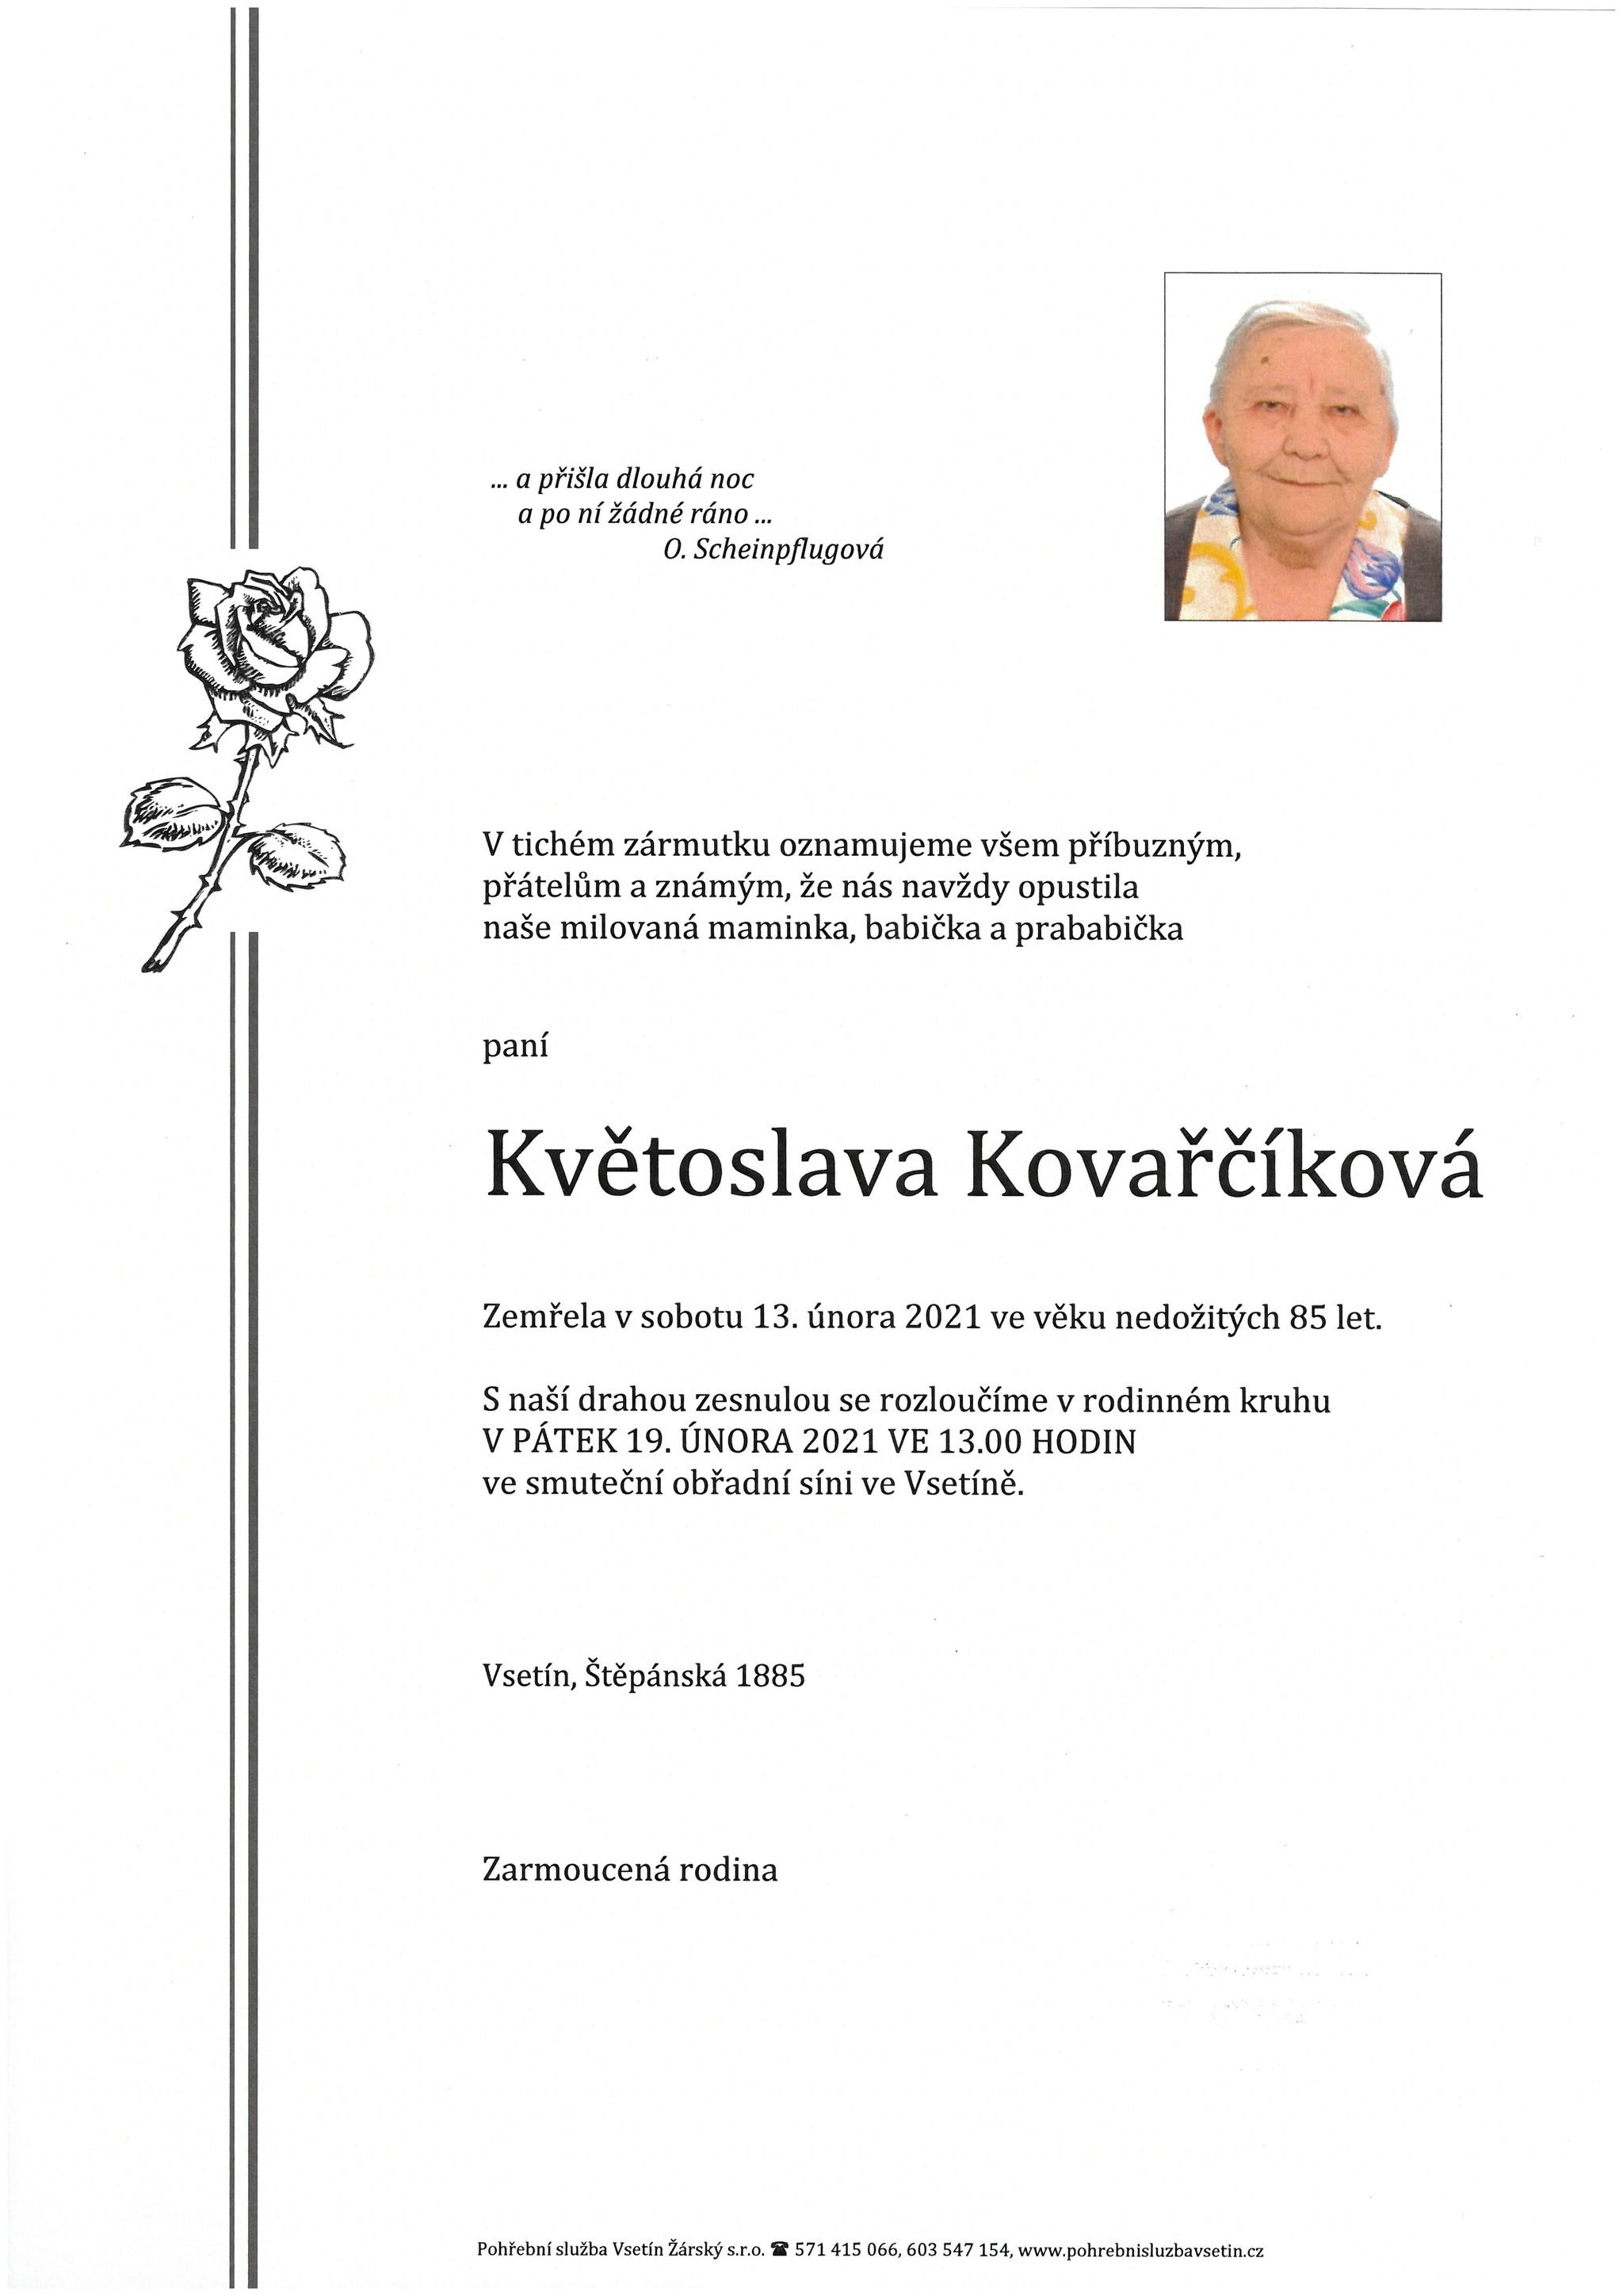 Květoslava Kovařčíková